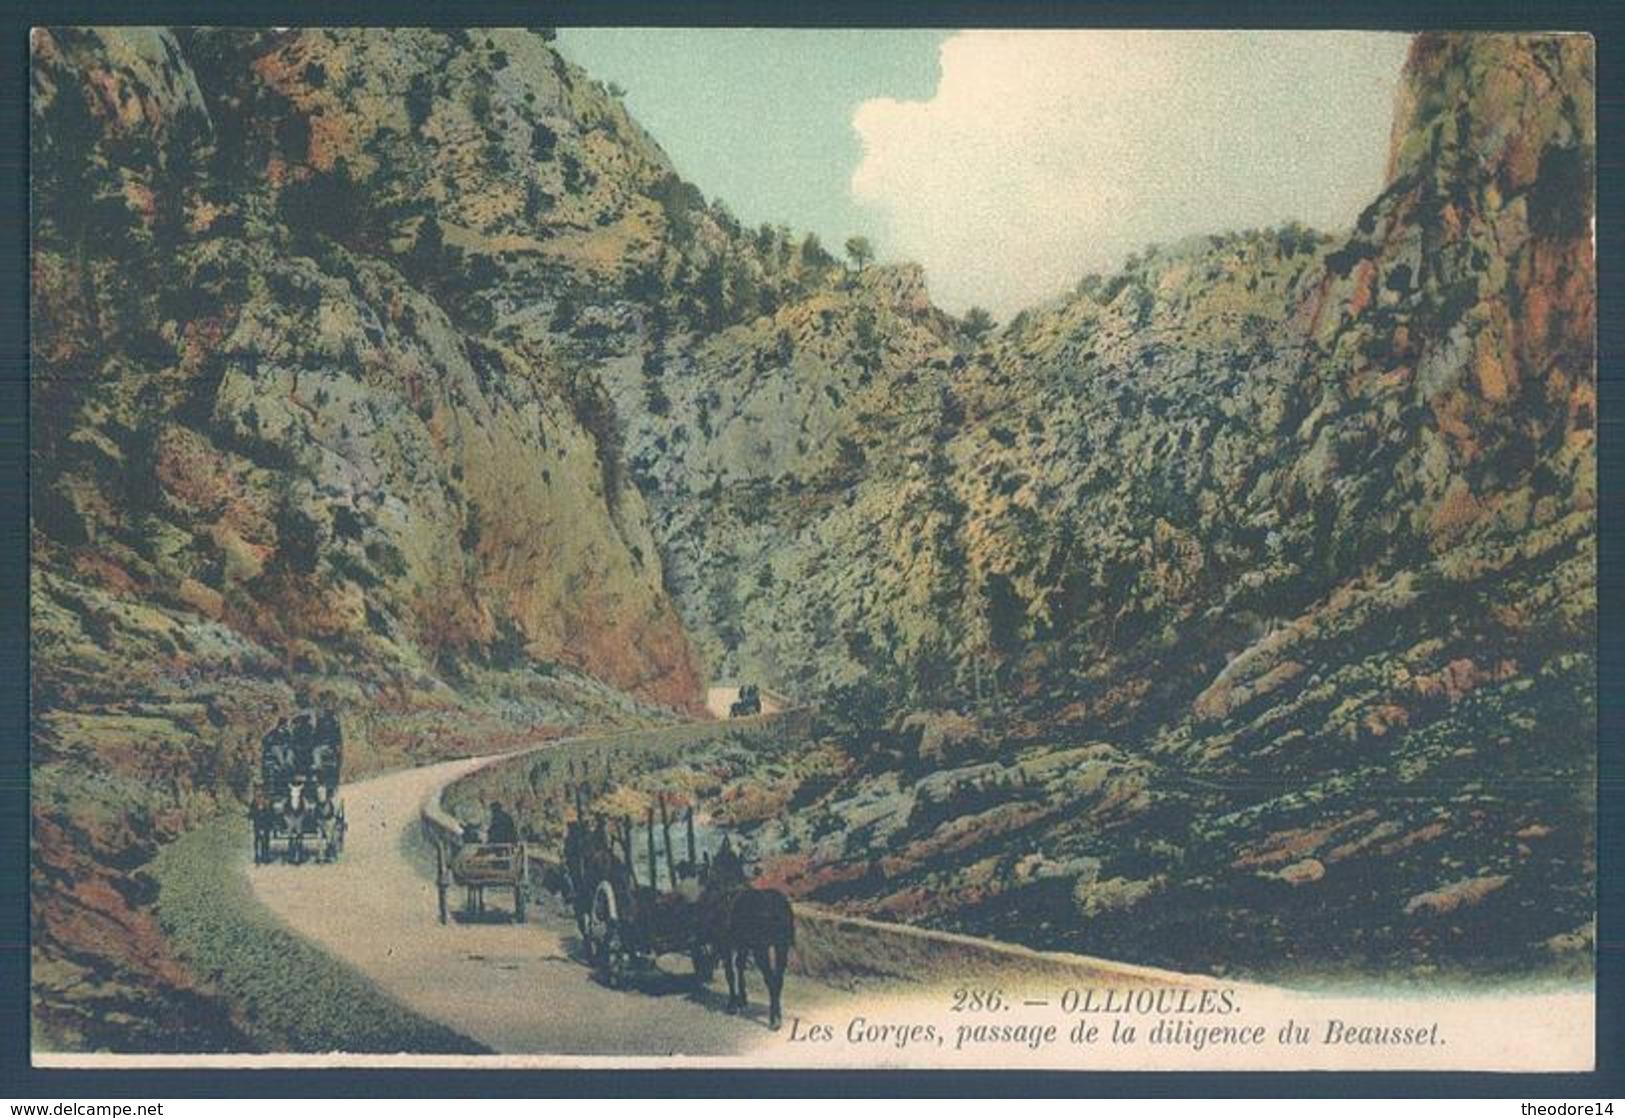 83 OLLIOULES Les Gorges Passage De La Diligence Du Beausset - Ollioules